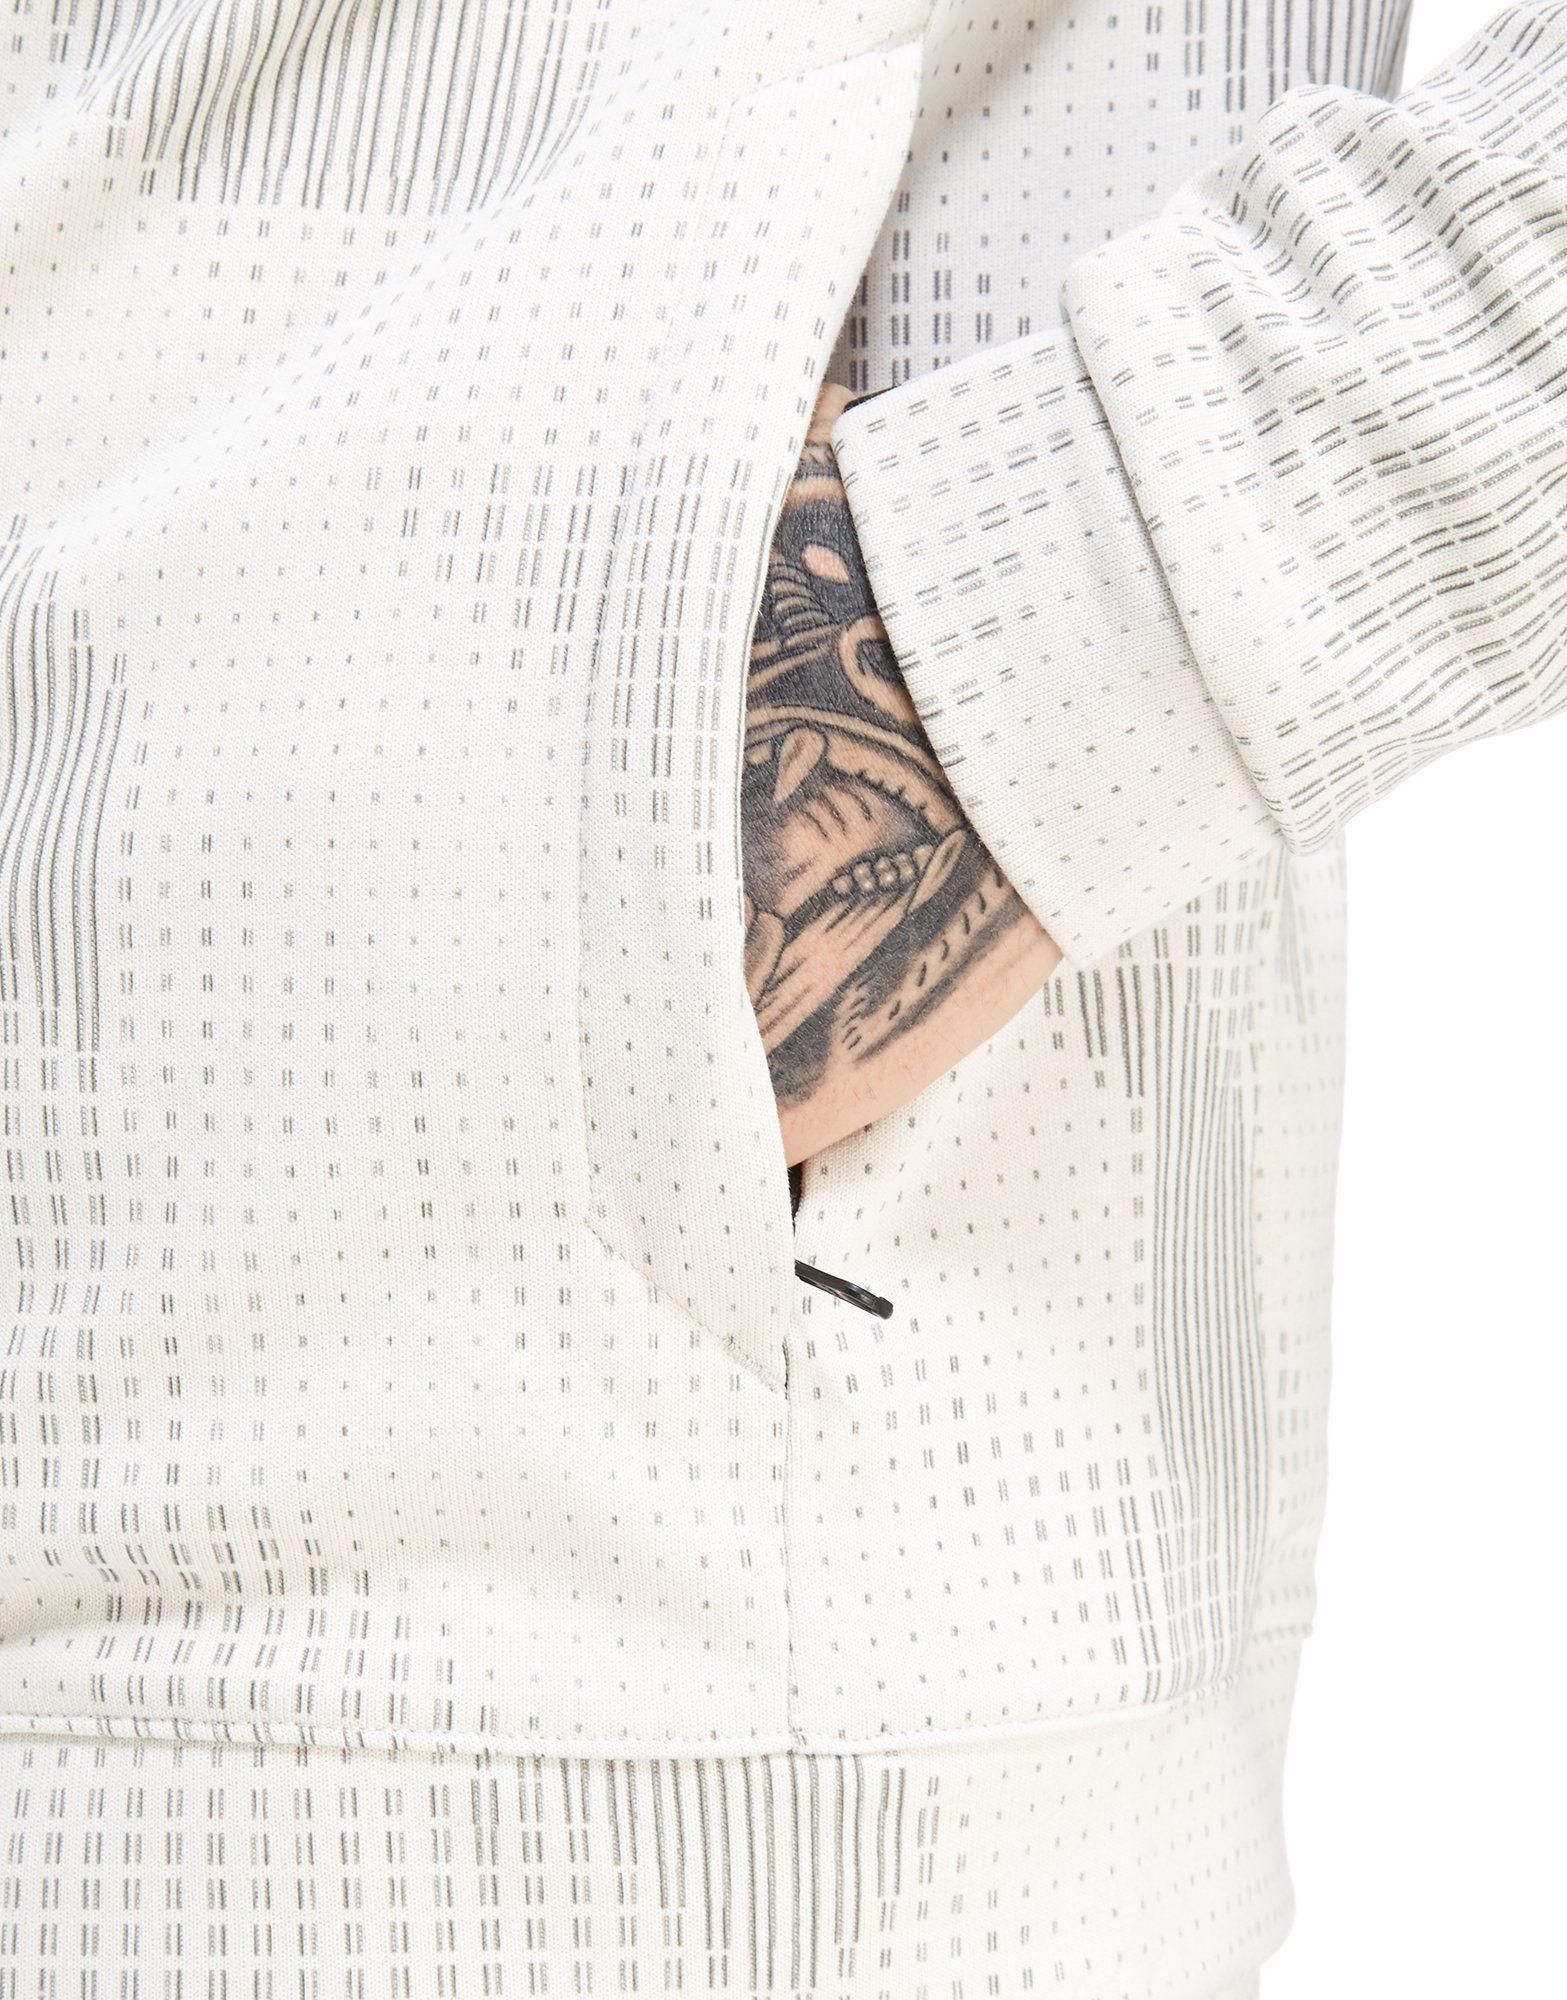 Nike Nike All Advance All Over Zip Over Hoodie Weiss Advance Print Print Full wIU5wn6qa